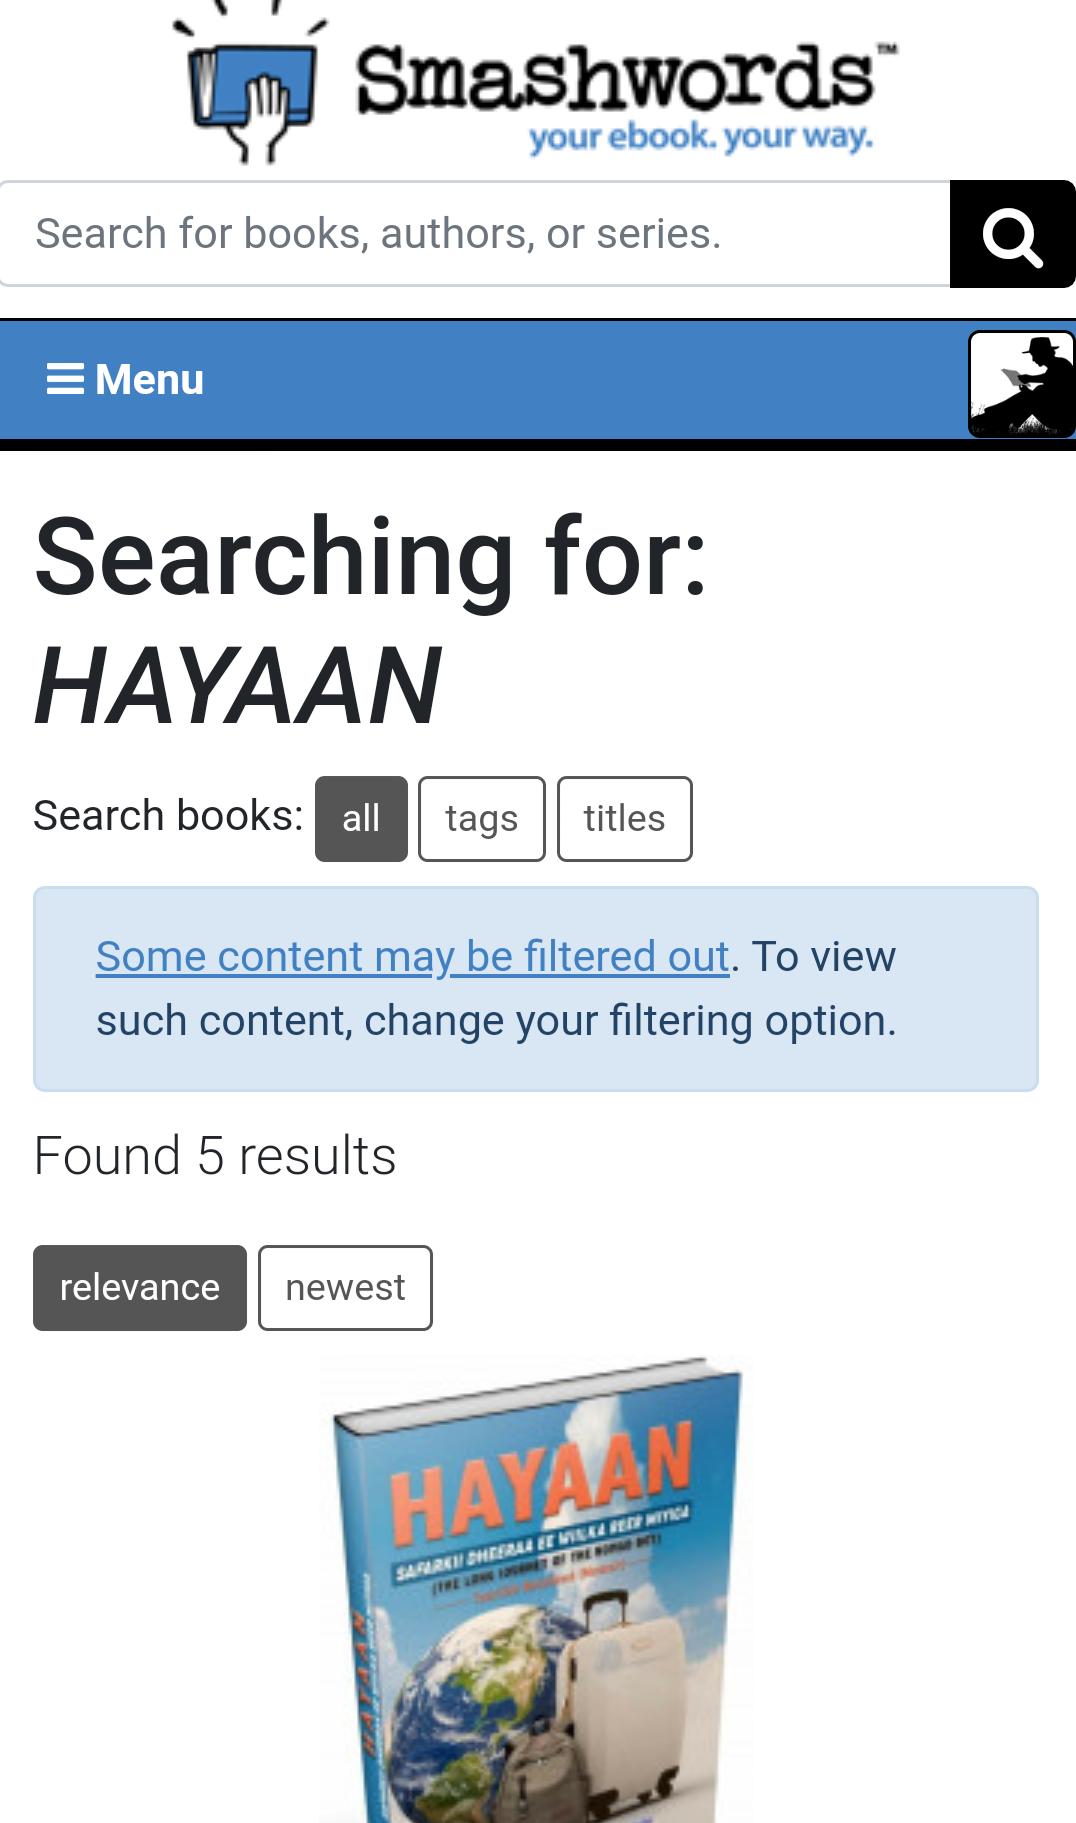 HAYAAN